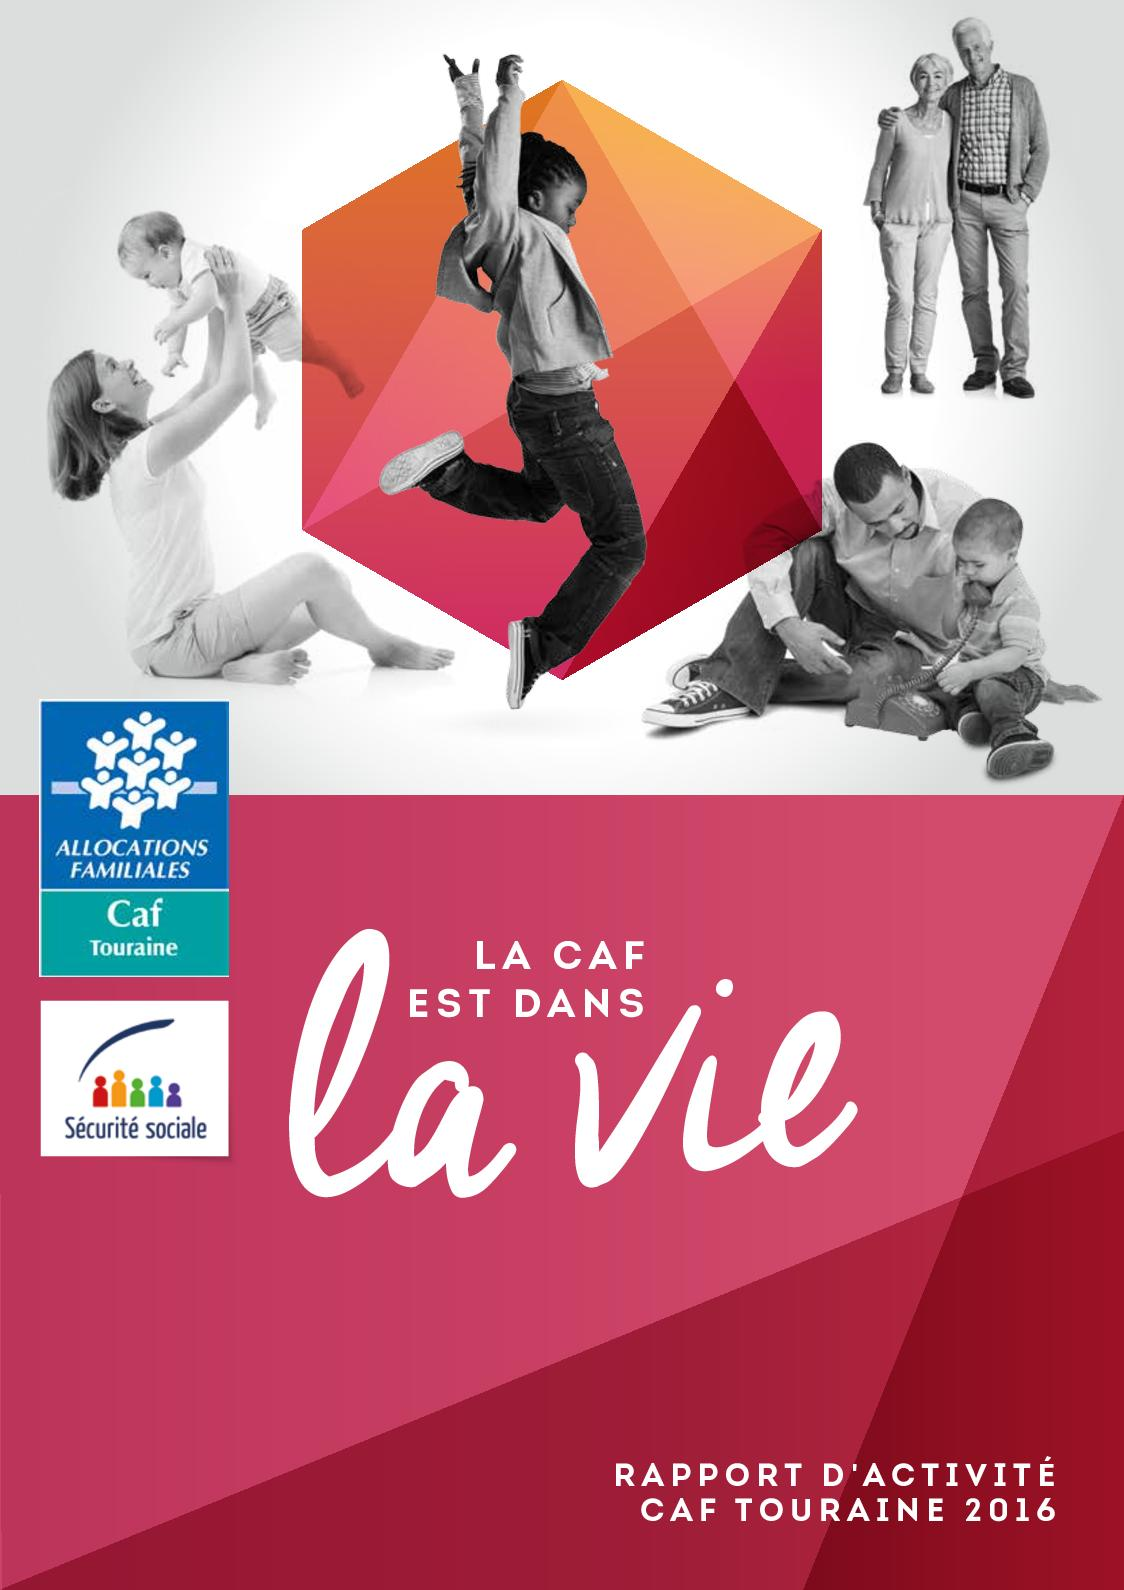 Rapport Activité 2016 - Caf Touraine